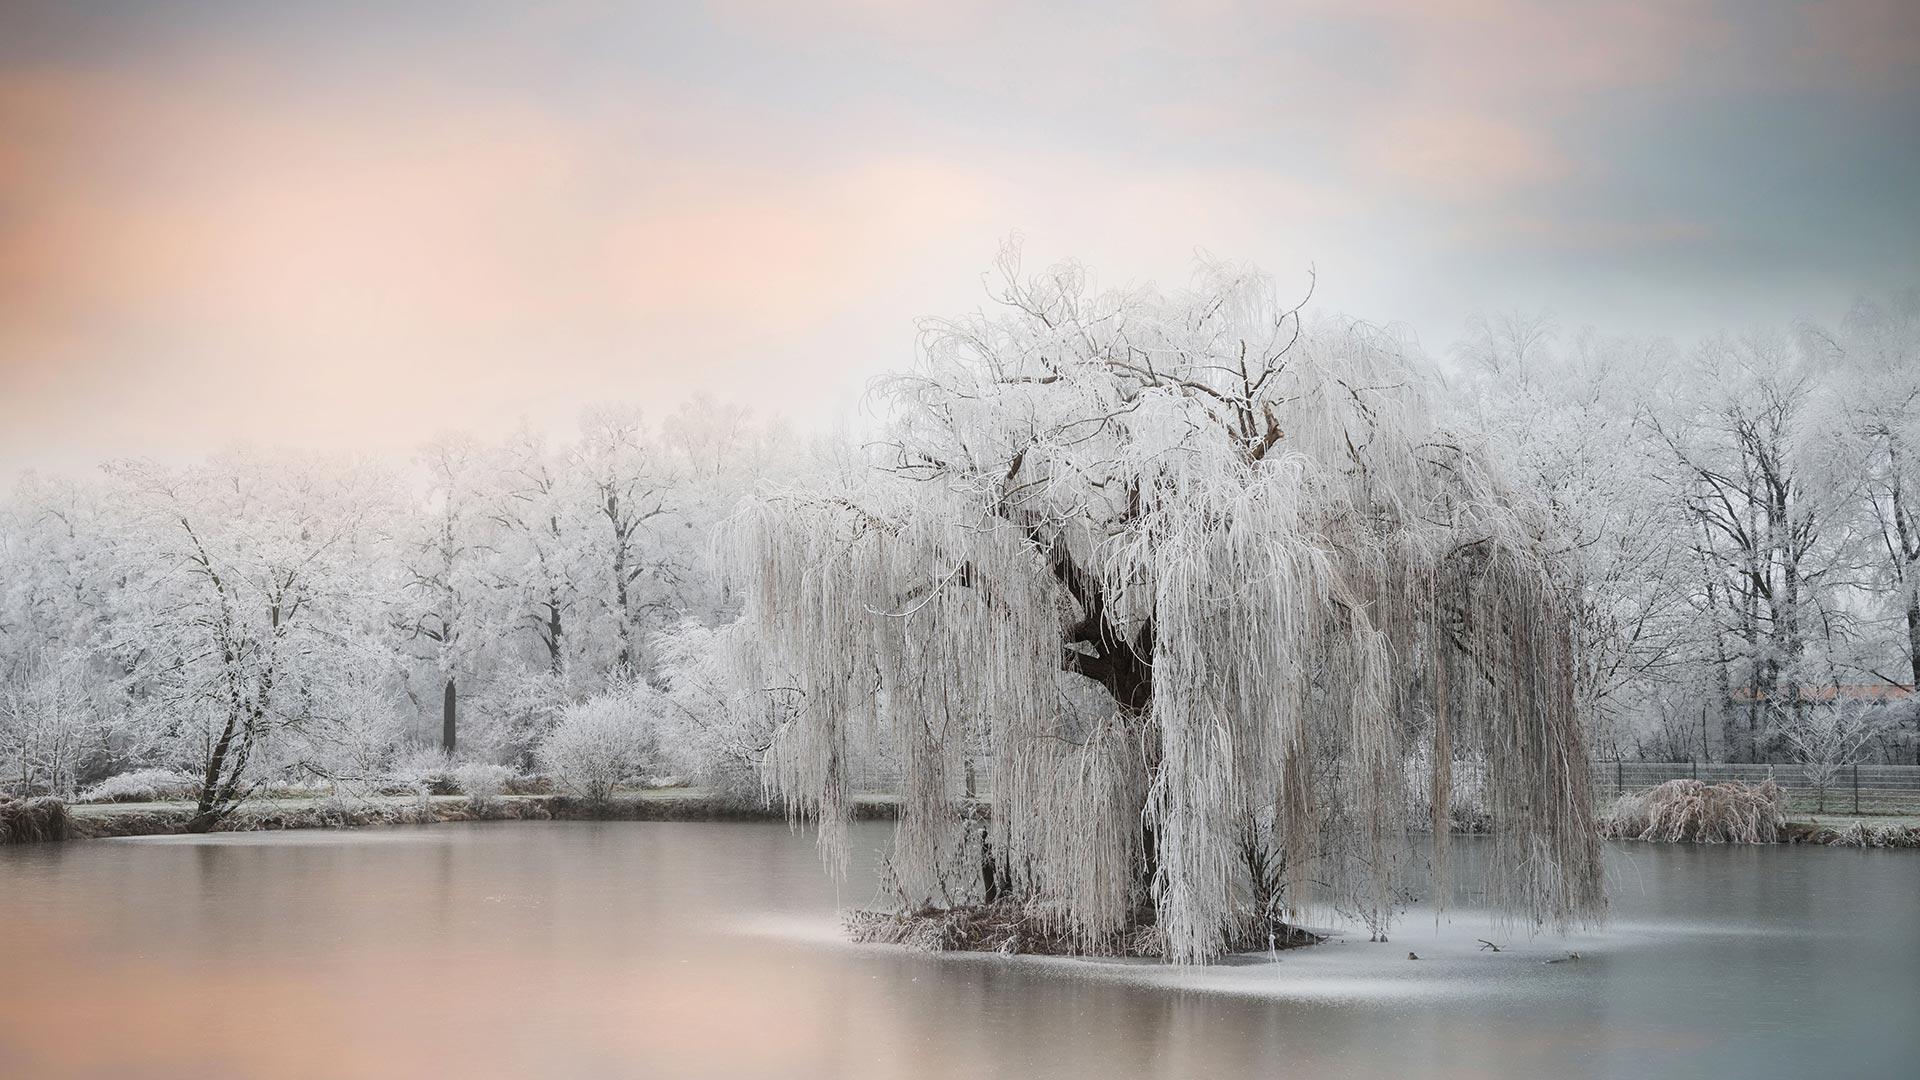 池塘边结了冰的树 树